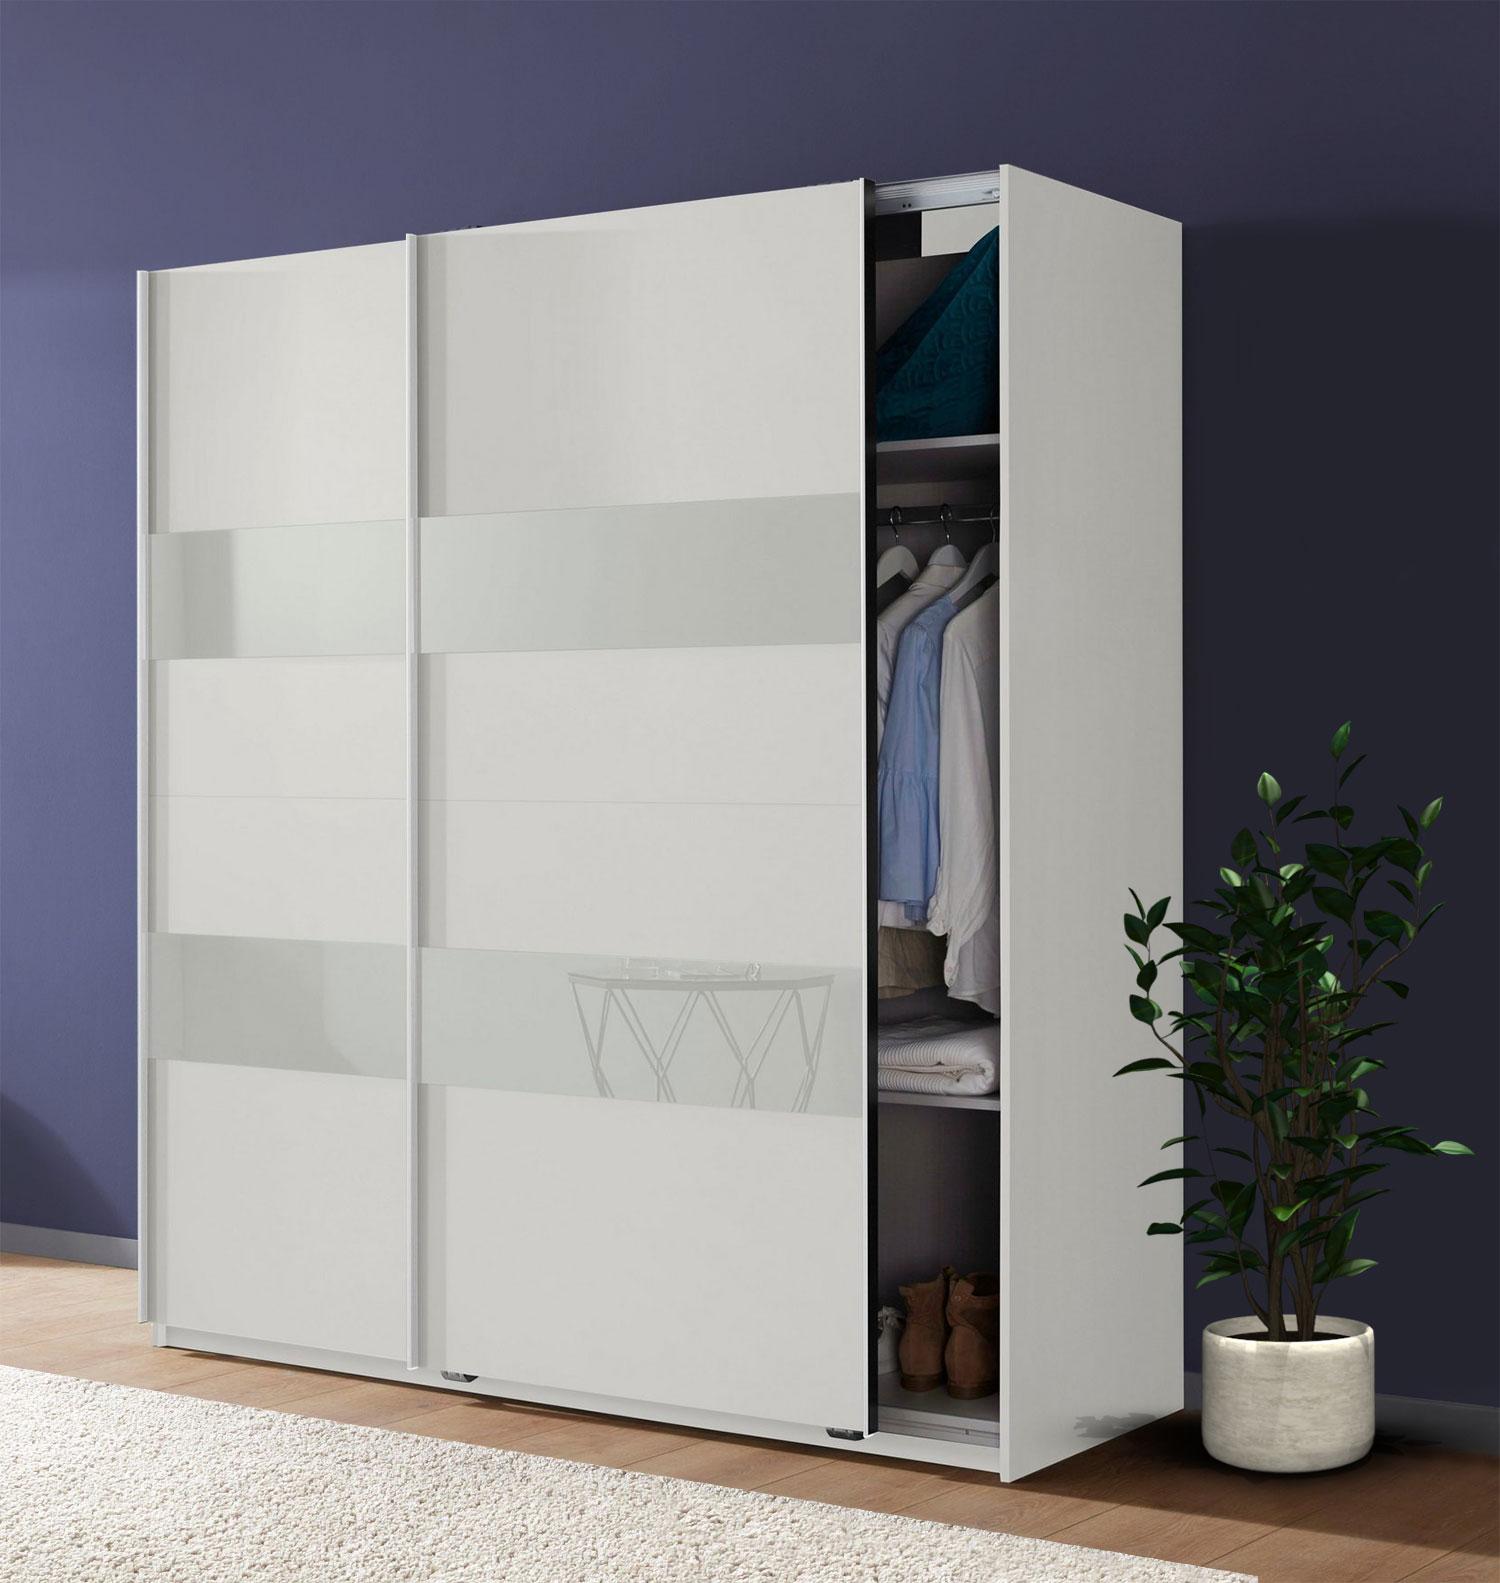 Wimex Schwebetürenschrank Kleiderschrank Schrank Altona weiß Weißglas 180cm